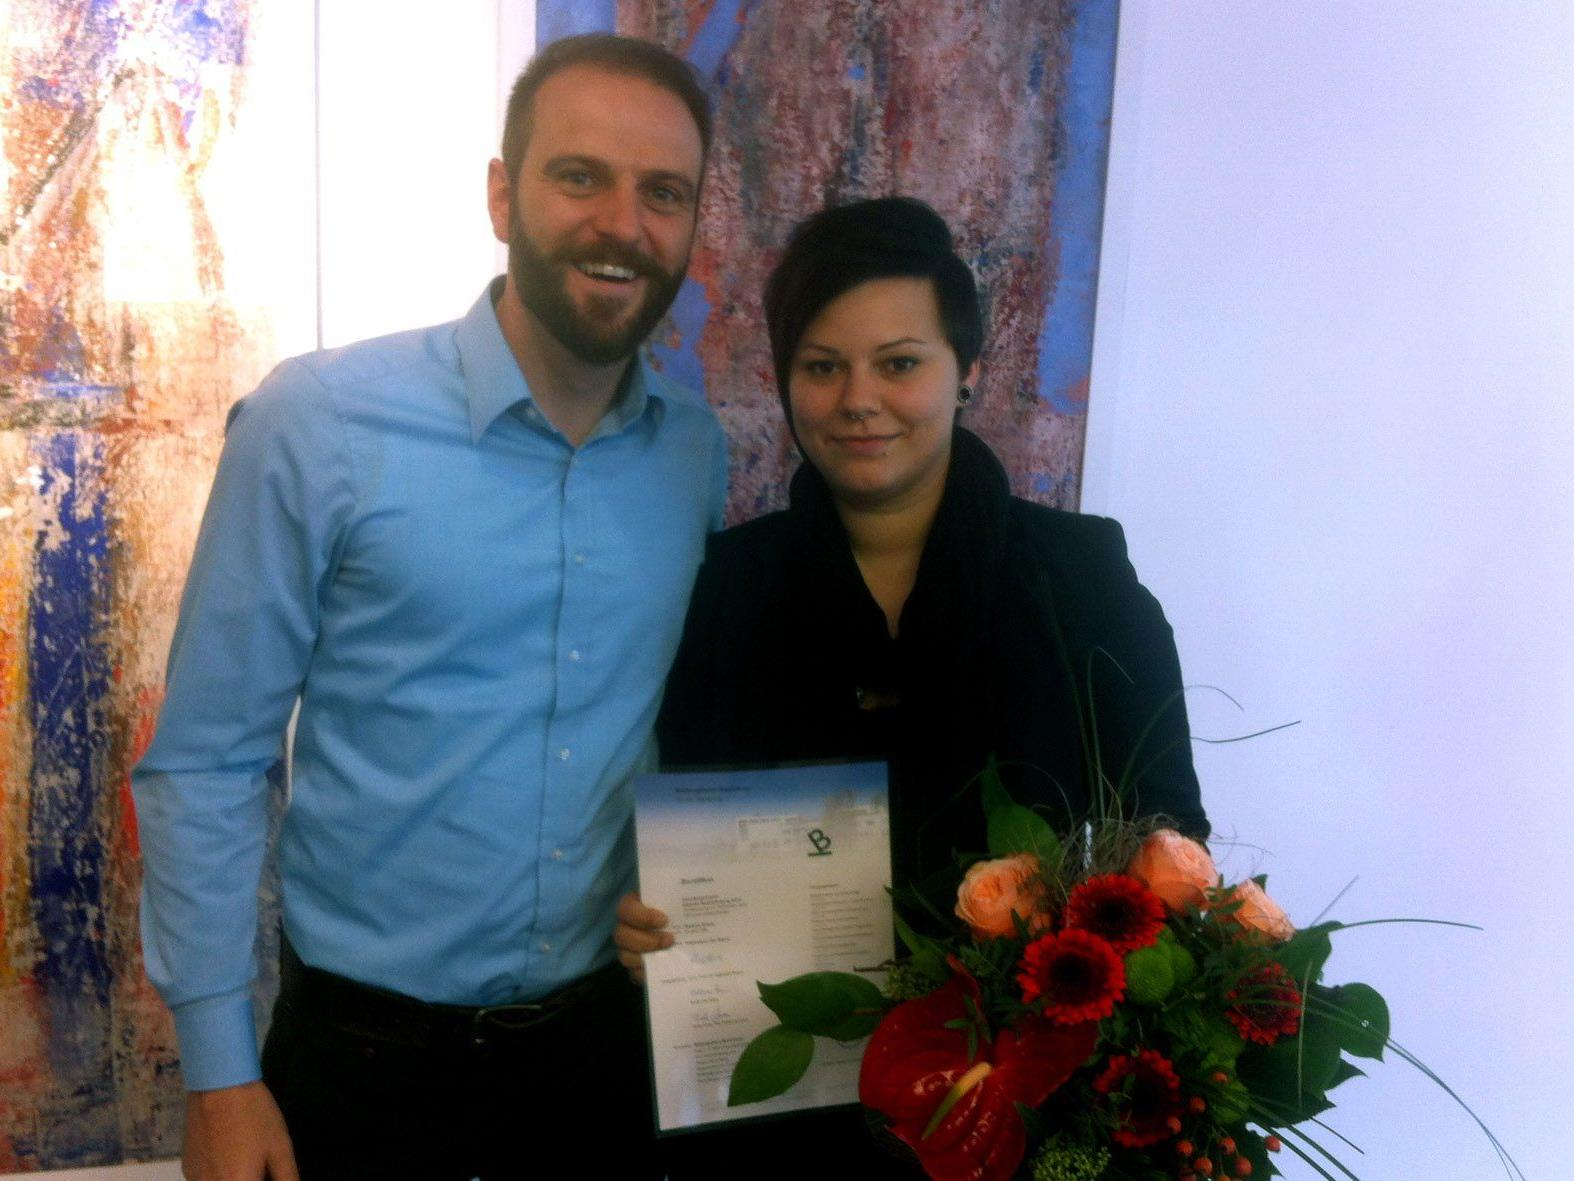 Der Pflegedienstleiter des SeneCura Laurentius-Parks Bludenz, Daniel Siegl, gratuliert der Absolventin Melanie Knaus.